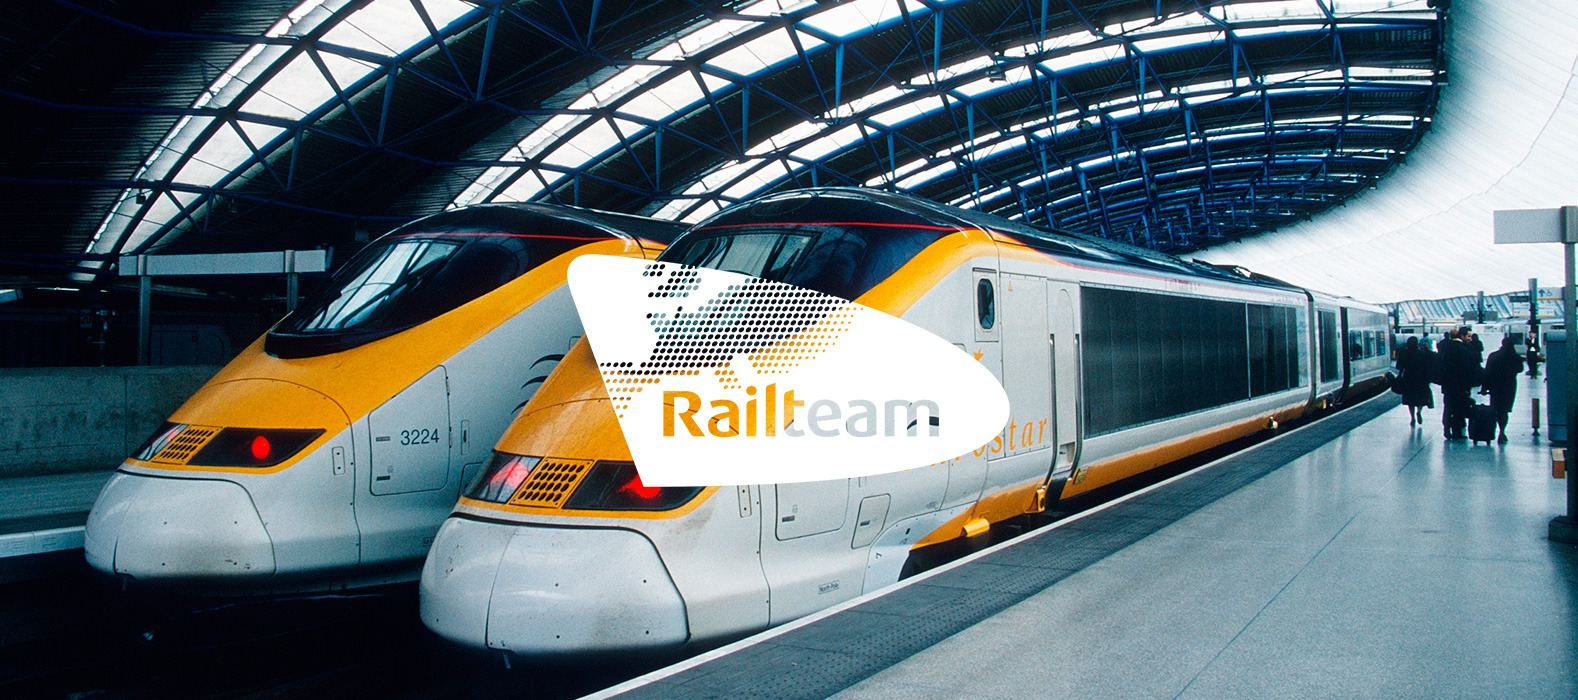 Een fraai plaatje bij Railteam Online media services